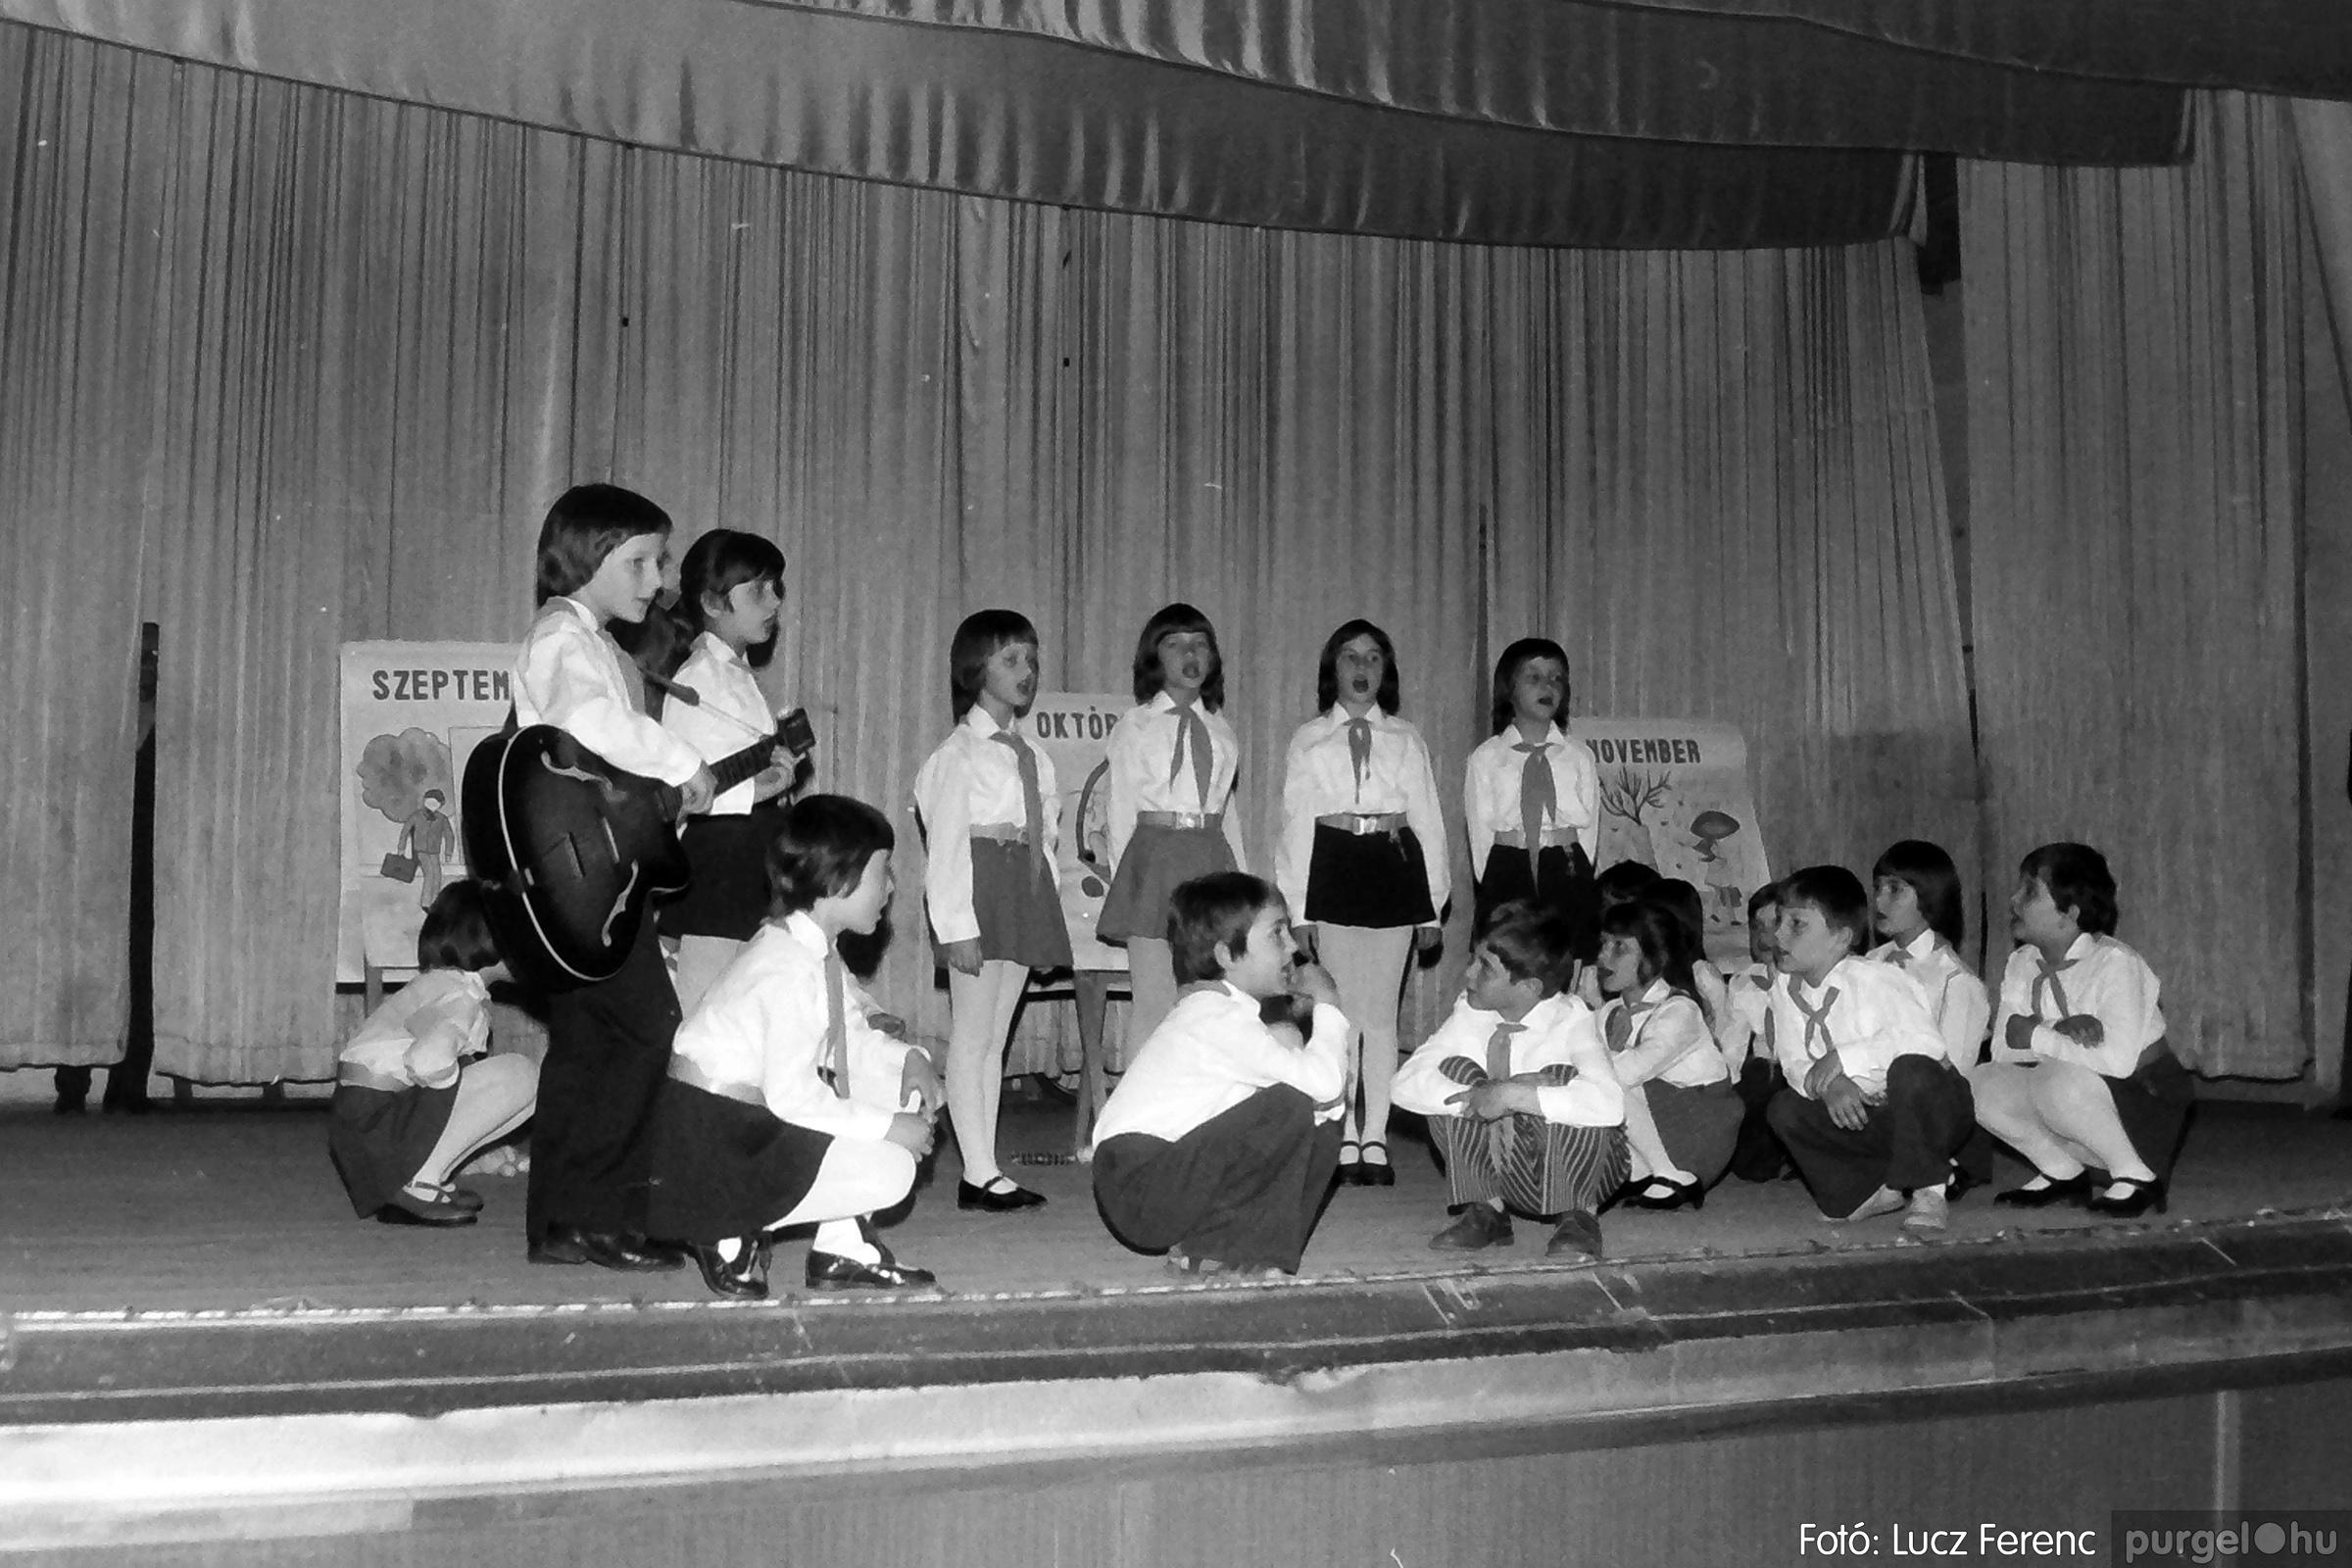 076. 1977. Iskolások fellépése a kultúrházban 013. - Fotó: Lucz Ferenc.jpg